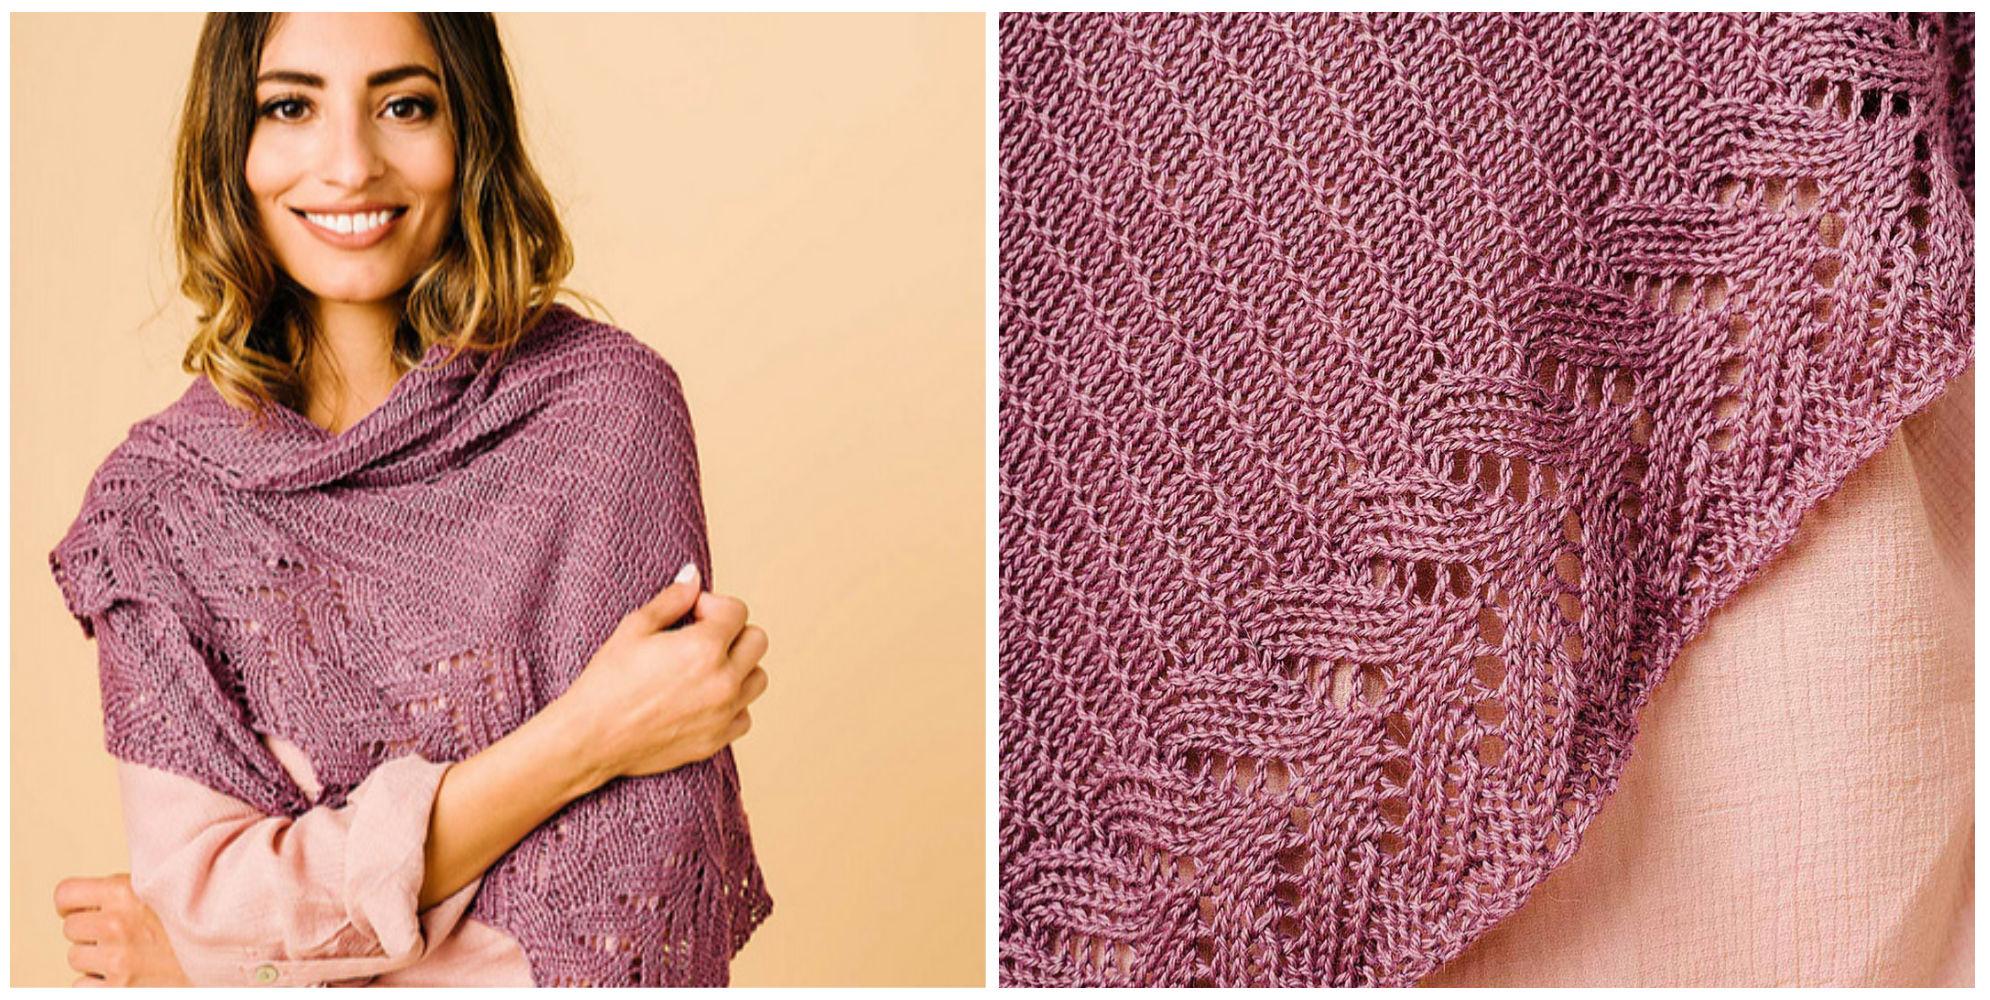 peaks & valleys shawl